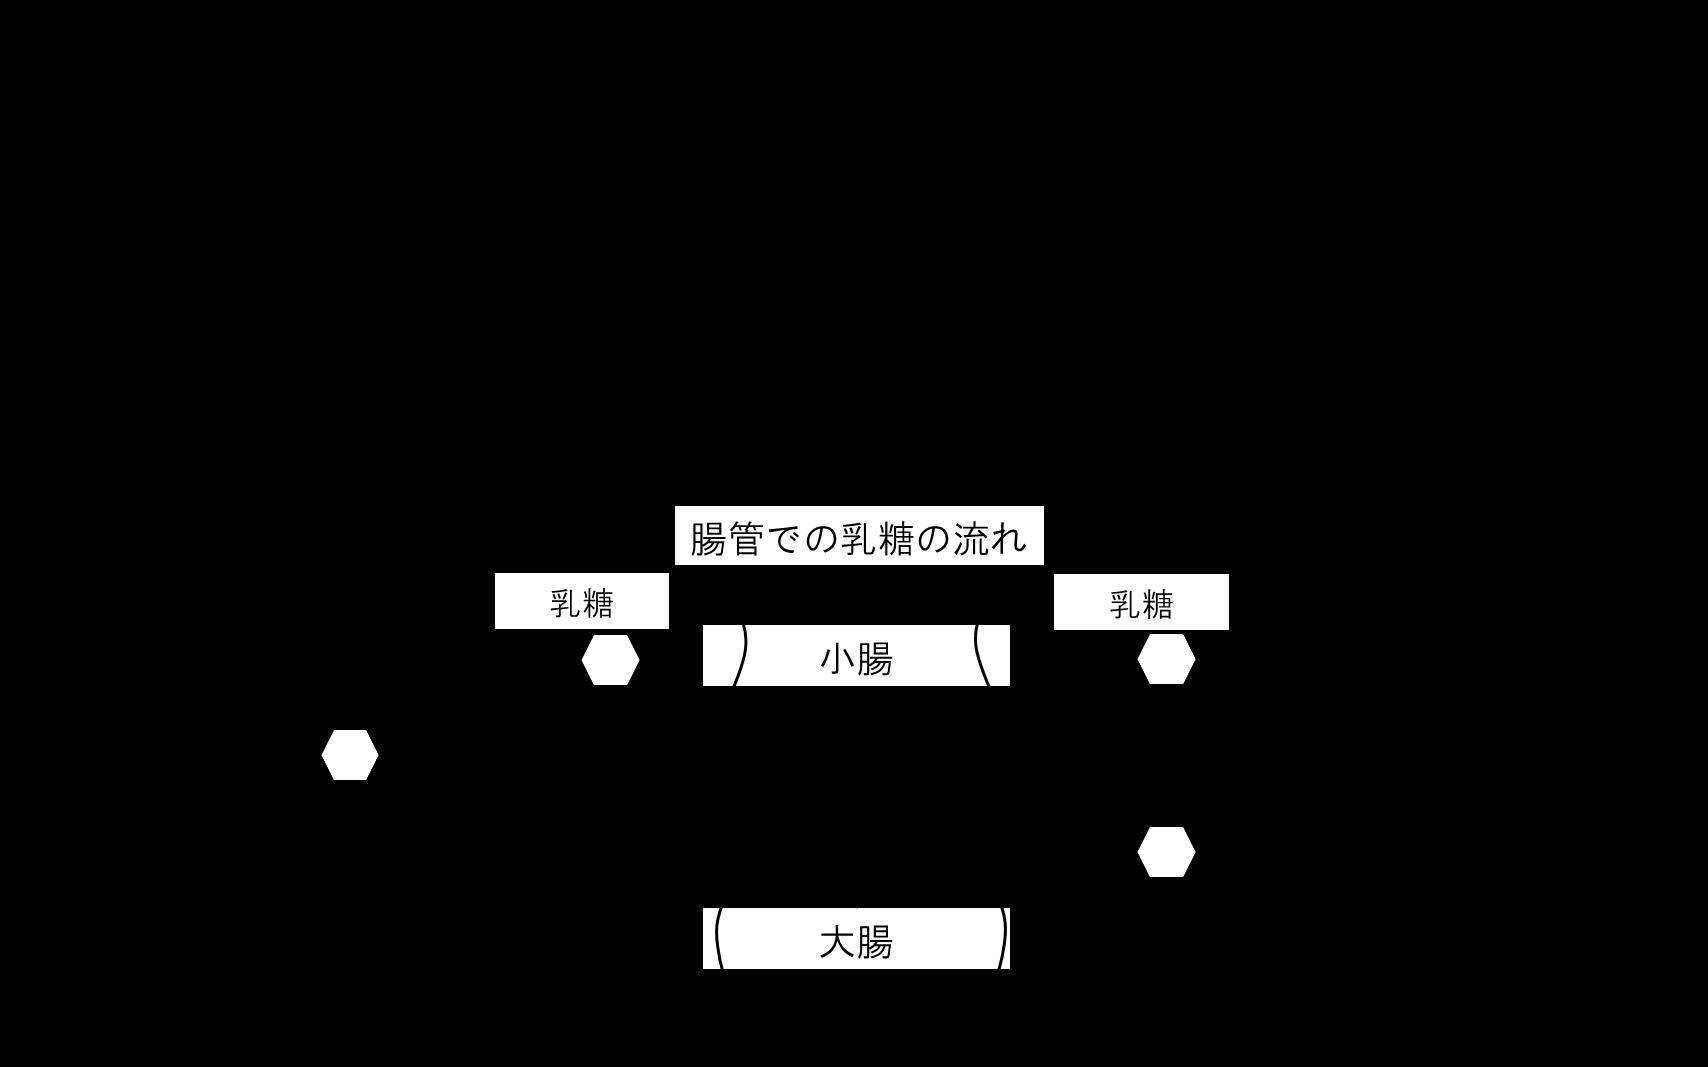 図:日本人における乳糖分解酵素の発現に関連する遺伝子型の割合